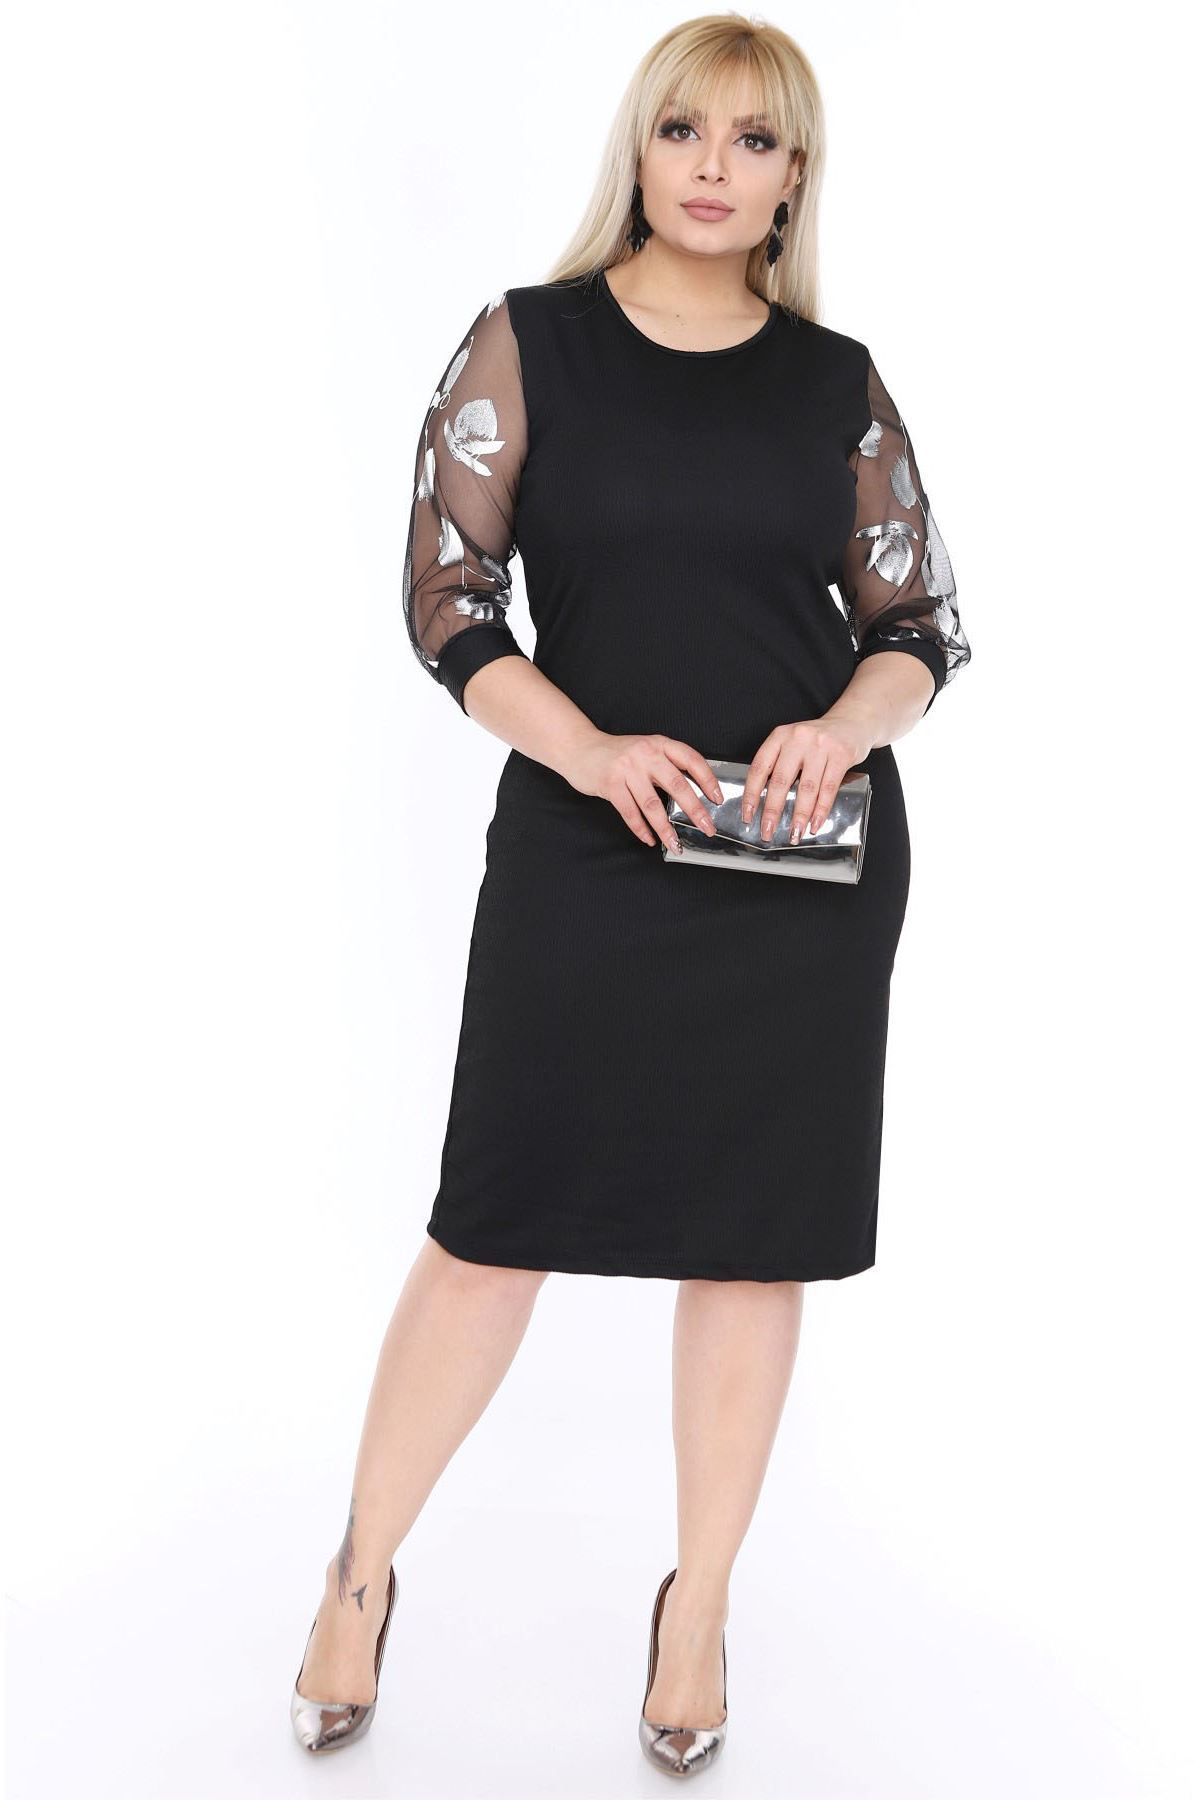 Tül Kol Gümüş Siyah Büyük Beden Elbise 16C-0455